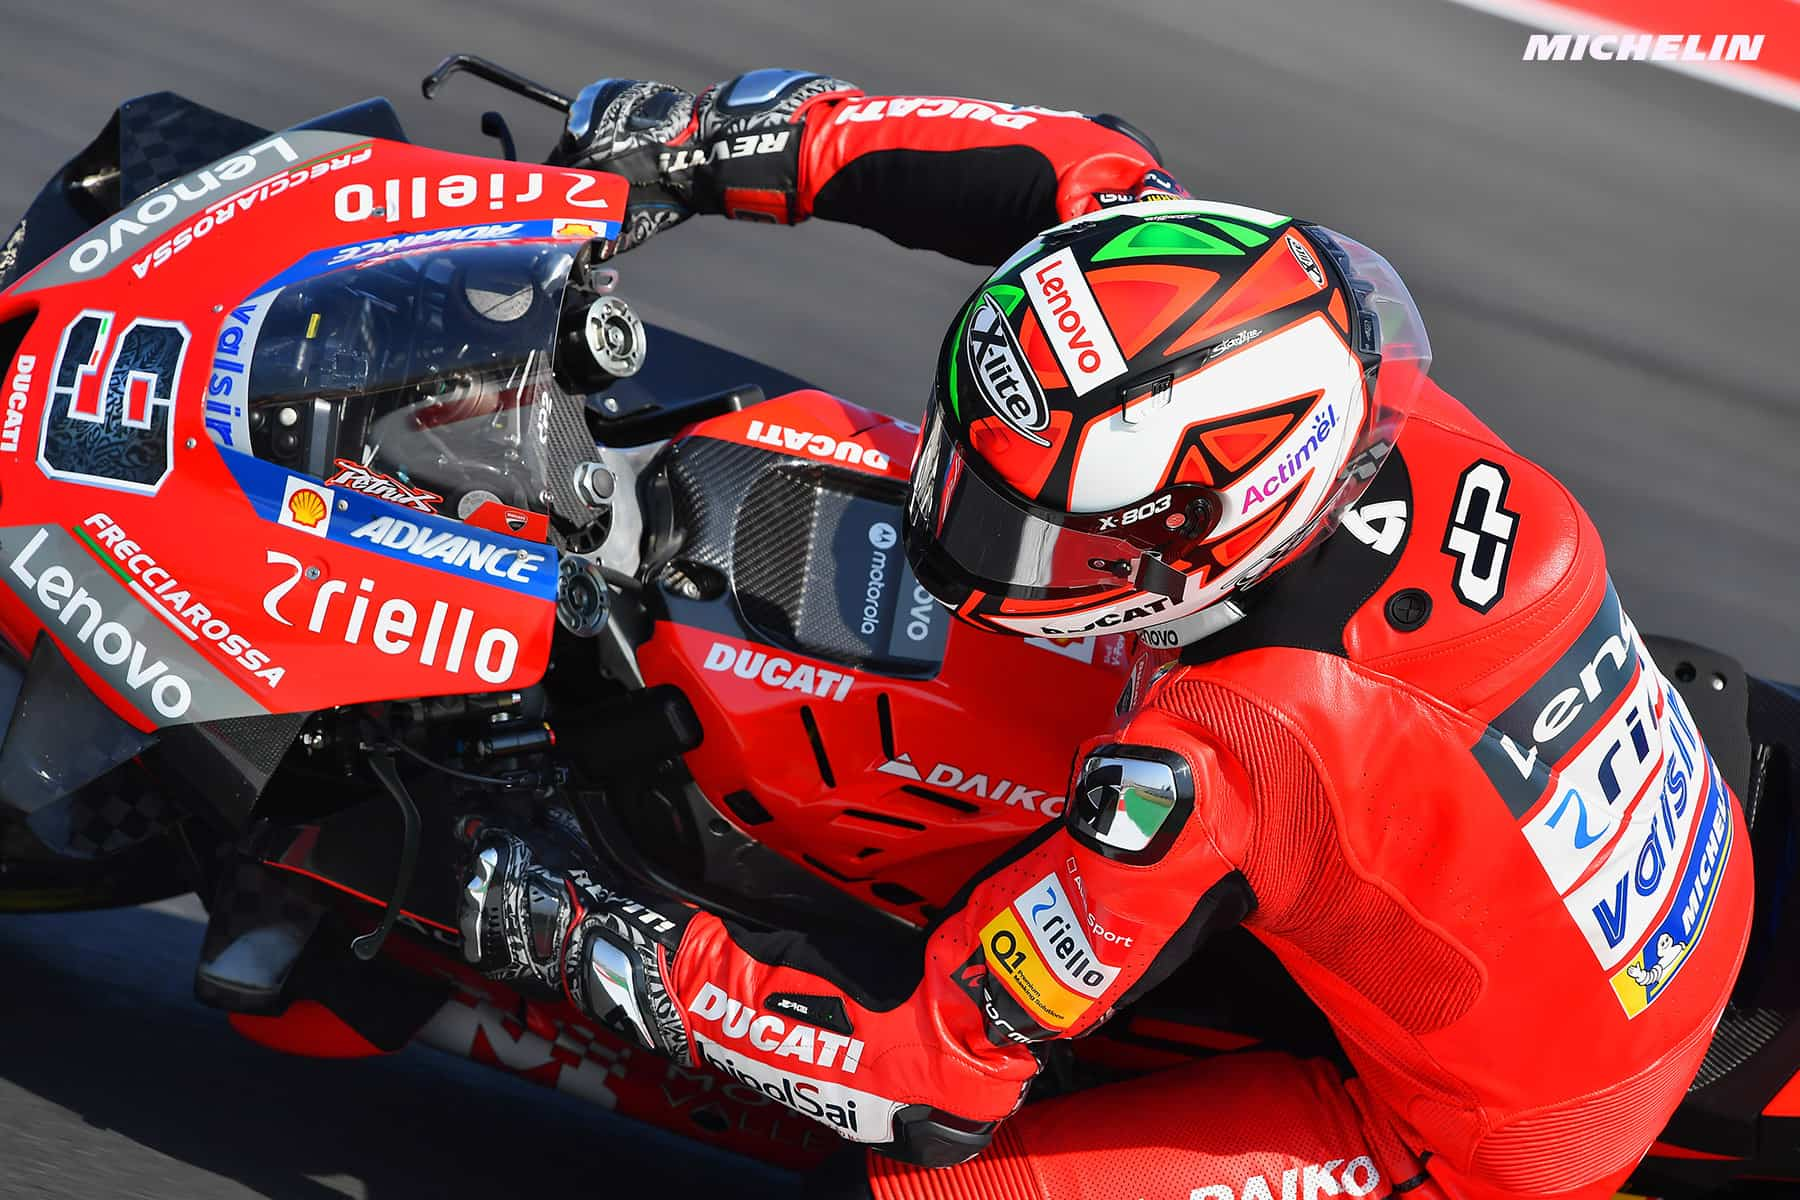 MotoGP2020エミリア・ロマーニャGP 初日総合9位 ダニーロ・ペトルッチ「バイクに対して自然体で挑むことを意識した」